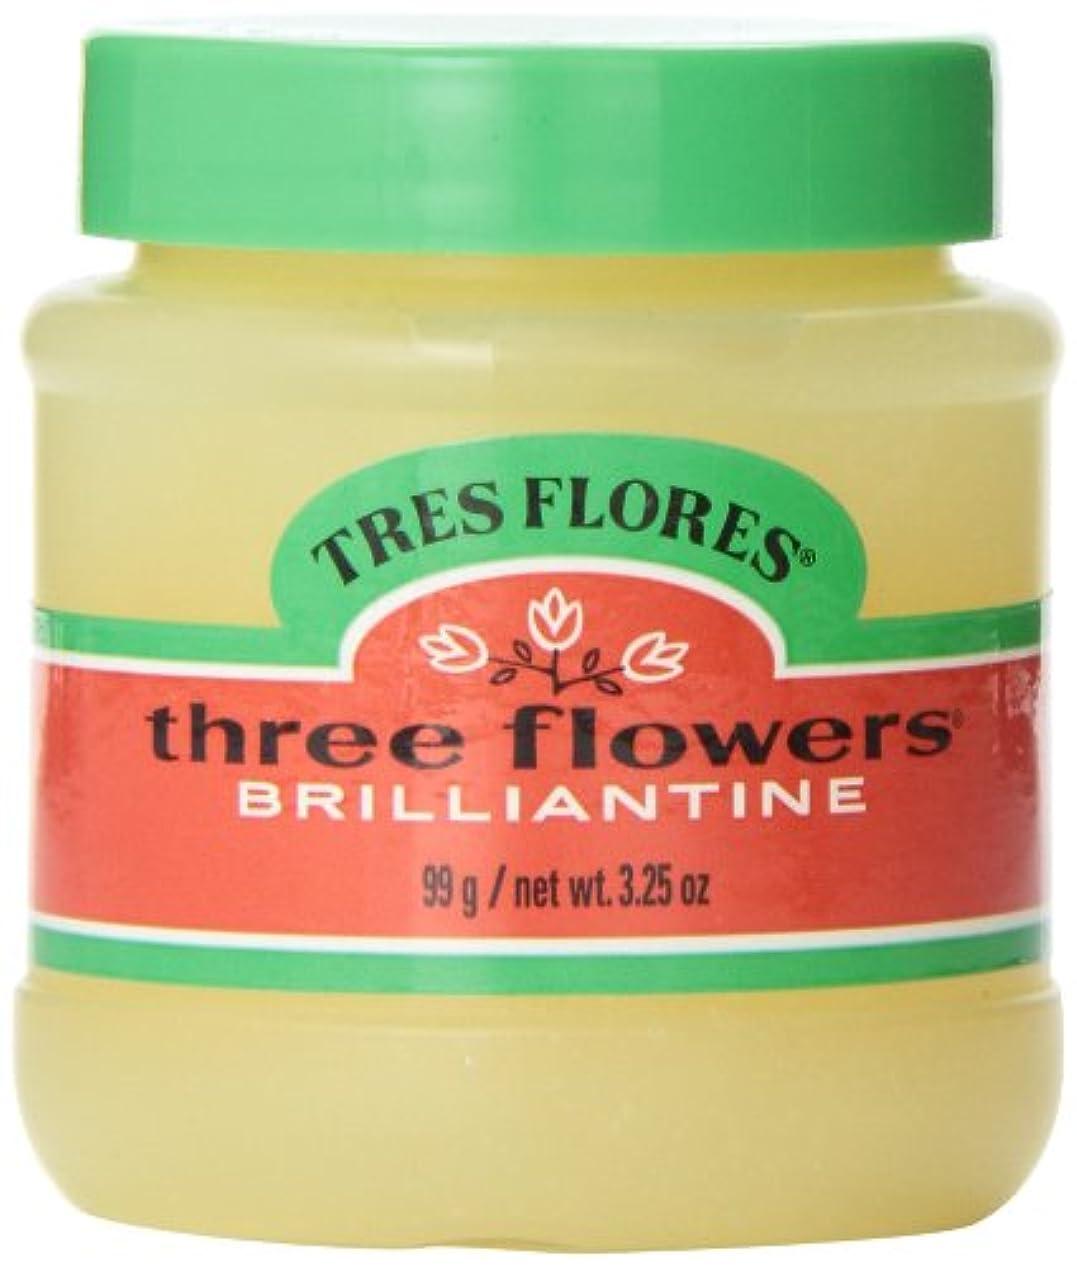 分岐する文明まつげThree Flowers Brilliantine Pomade Solid 3.25oz